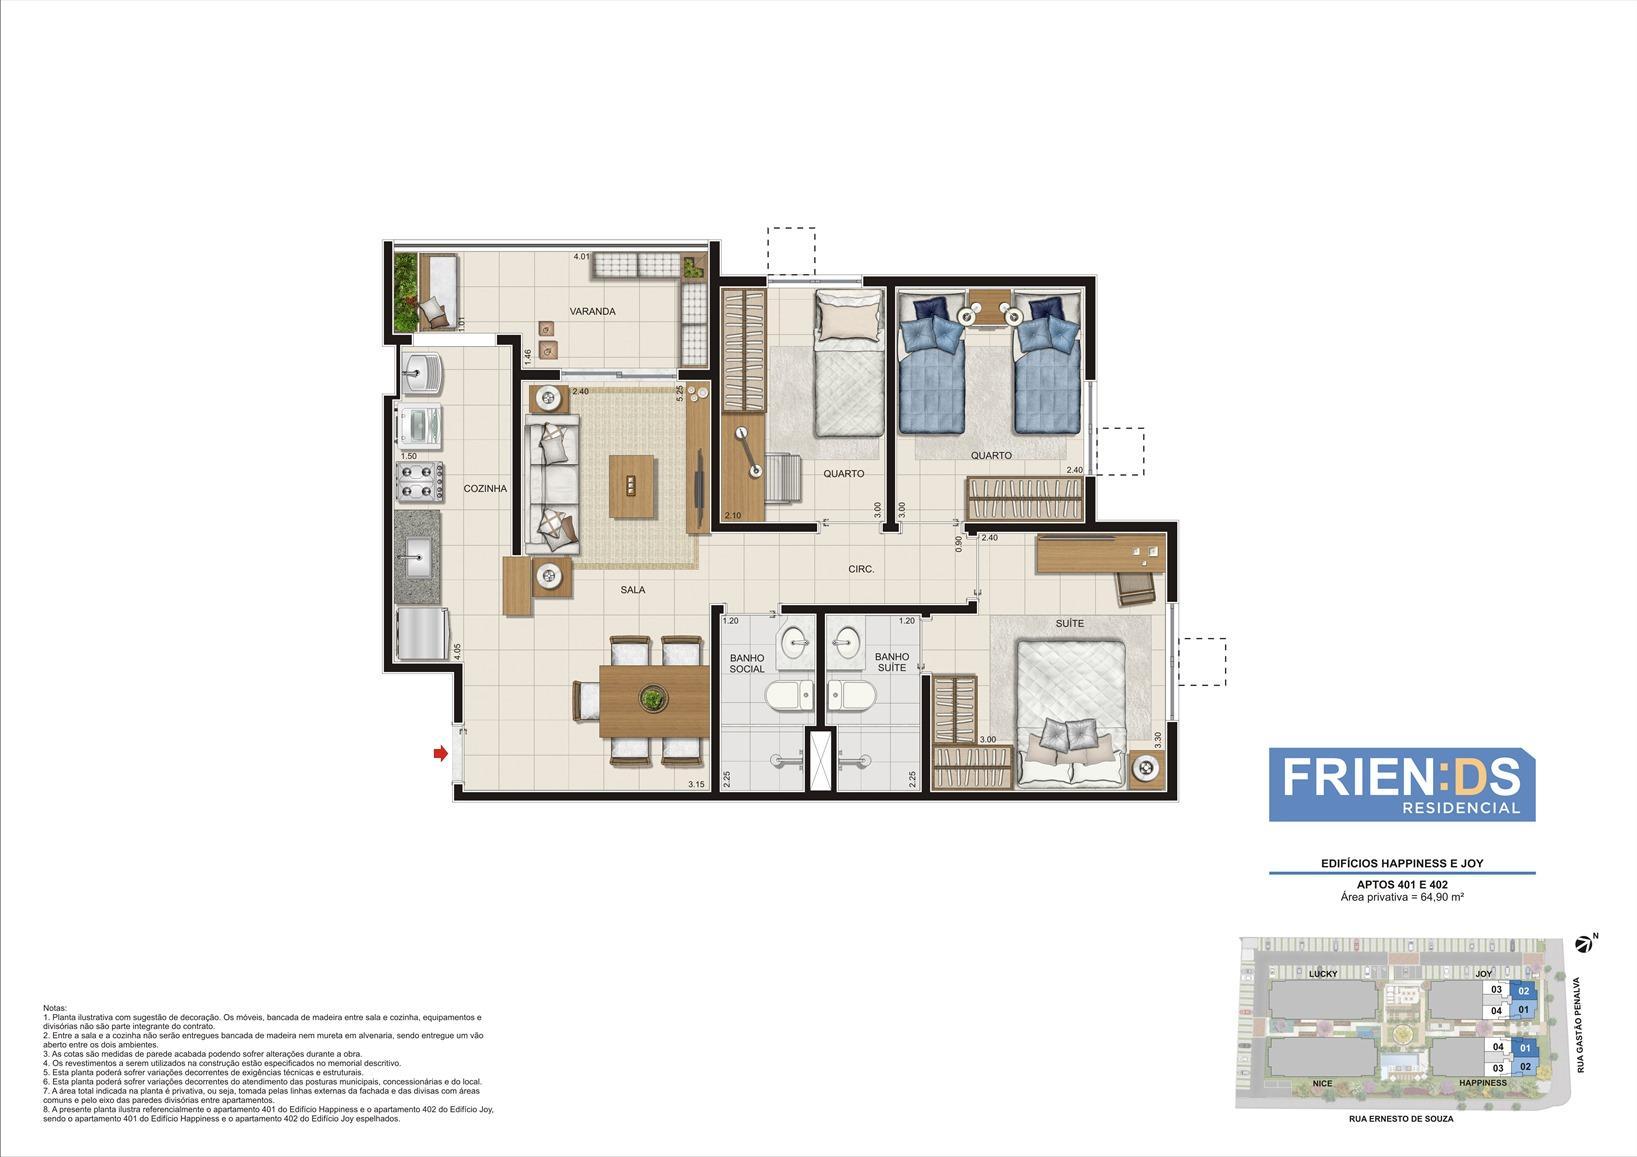 Edifícios Happiness e Joy. Apartamentos 401 e 402. Área privativa de 64,90m2 | Friends Residencial – Apartamento no  Andaraí - Rio de Janeiro - Rio de Janeiro